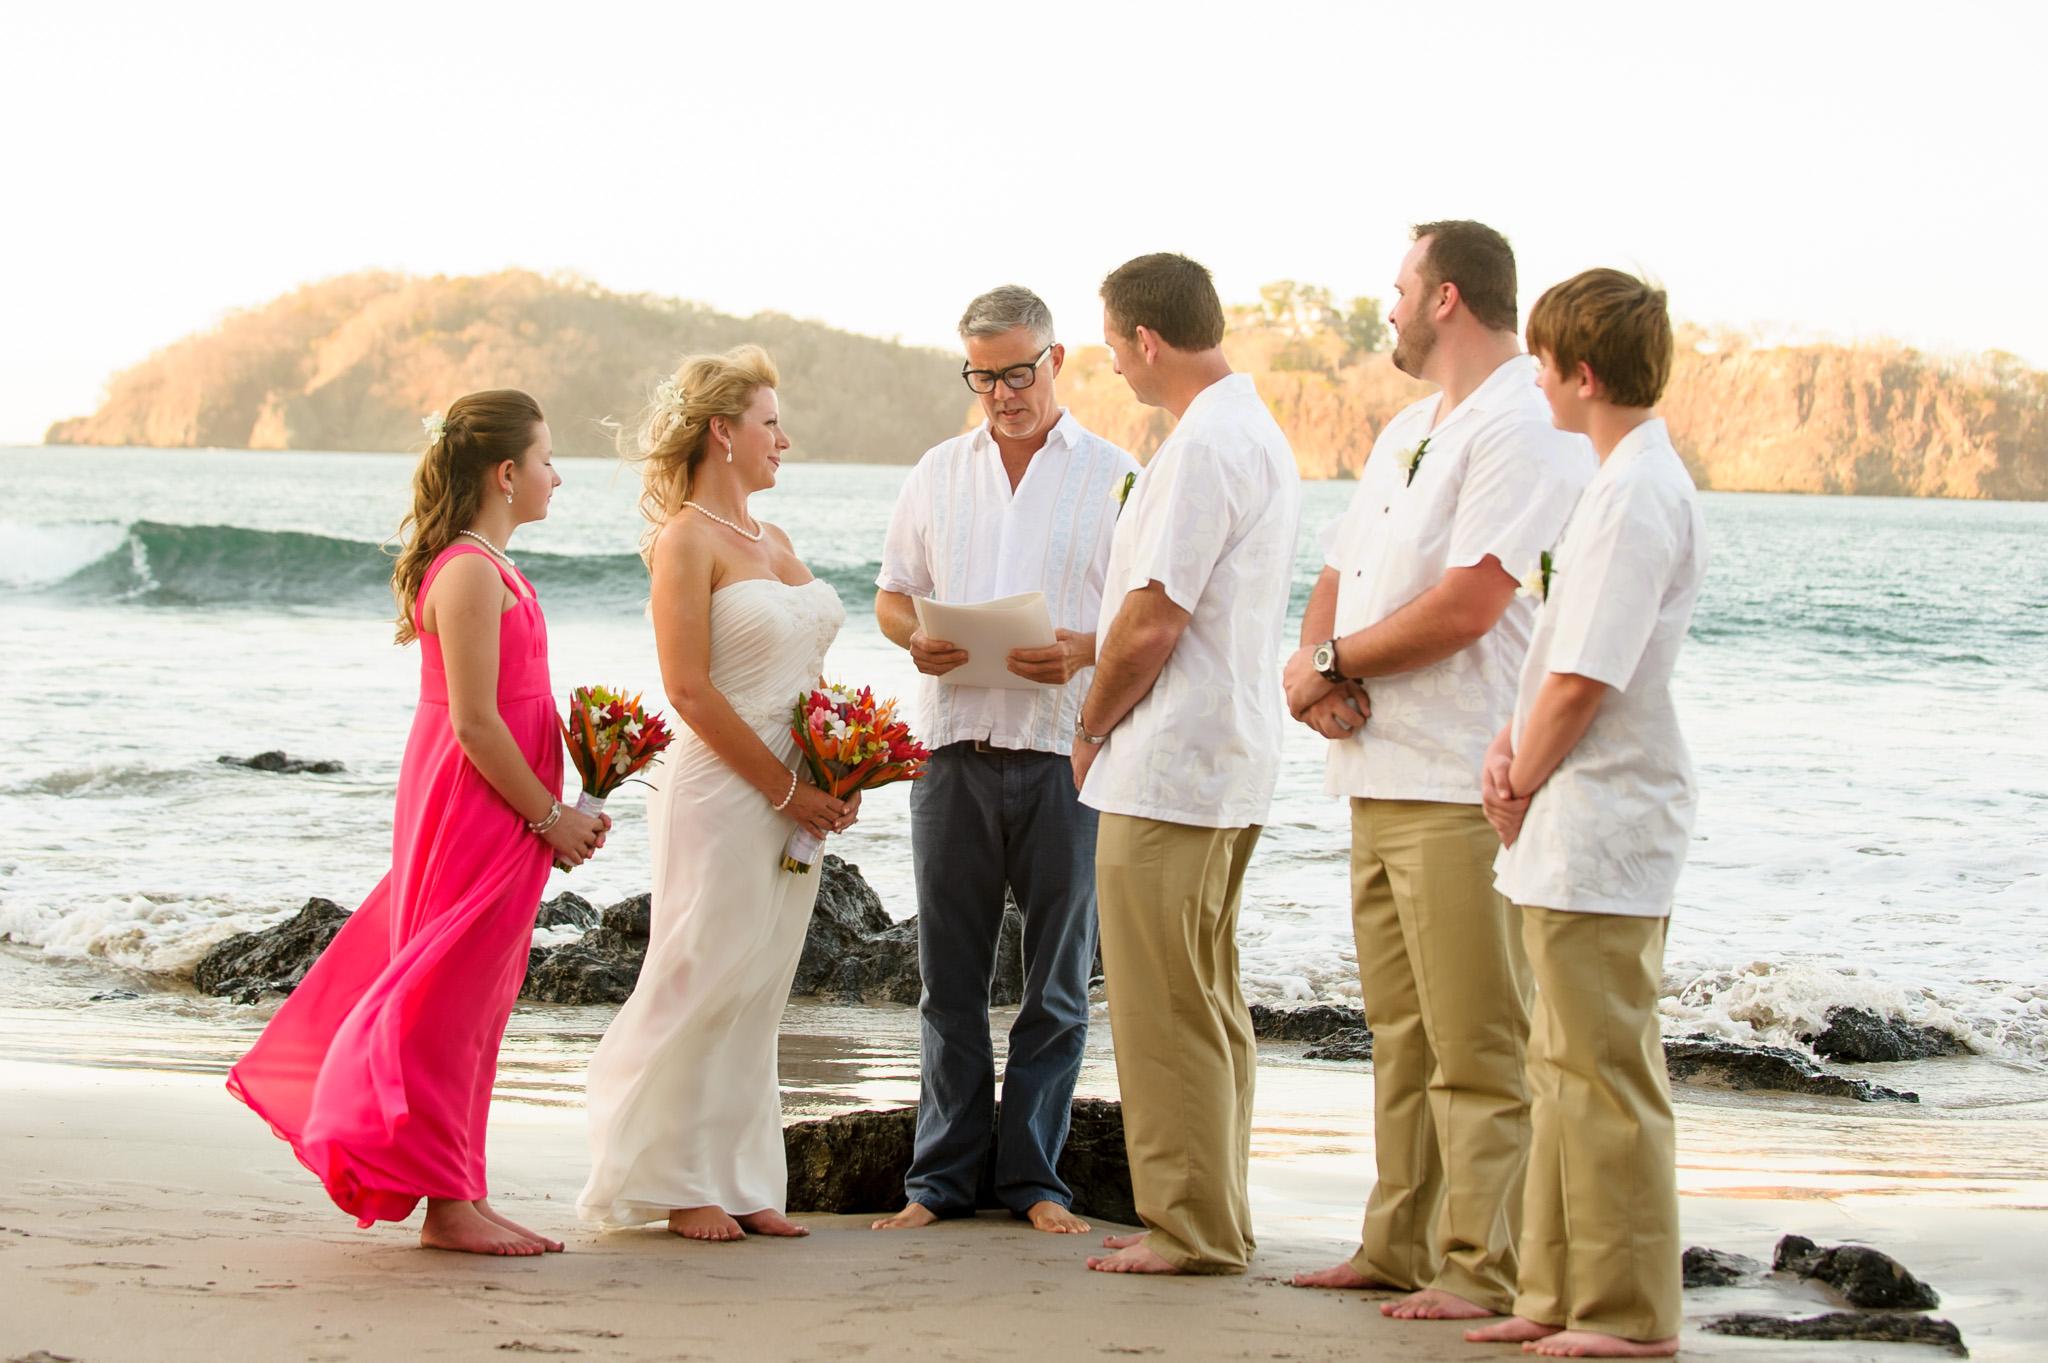 Flamingo Wedding Pictures